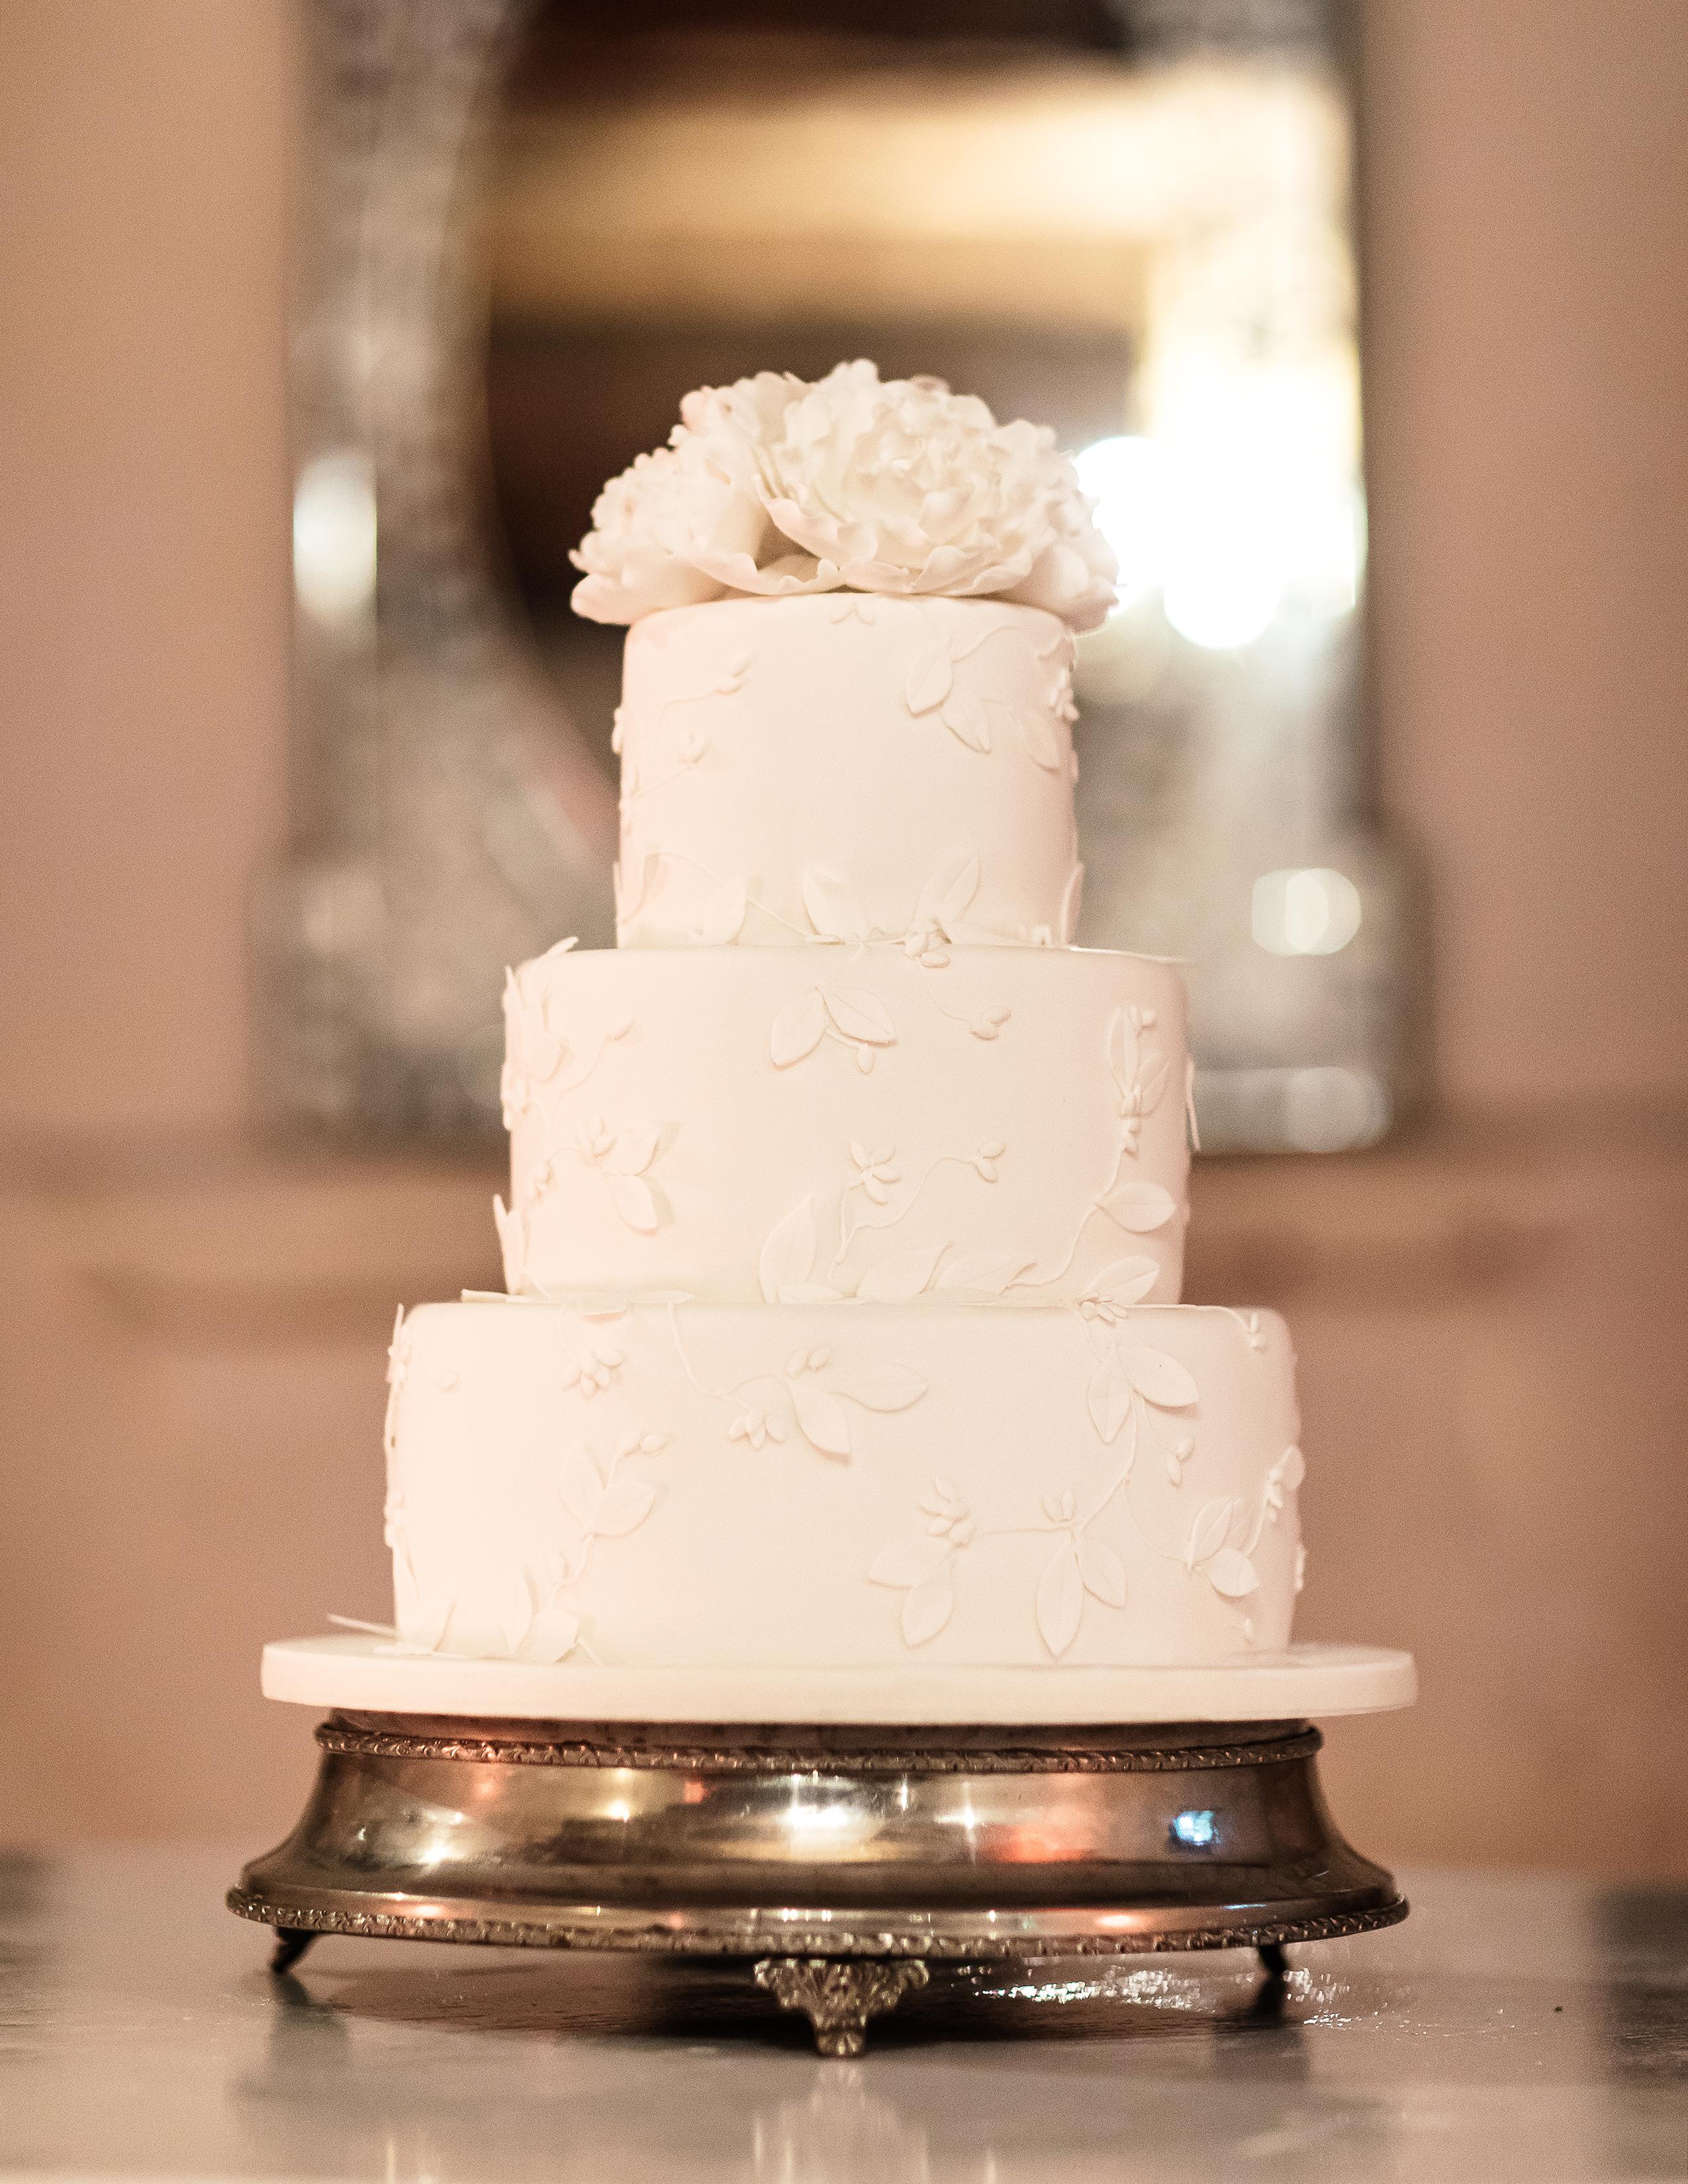 rorisang stephen wedding cake